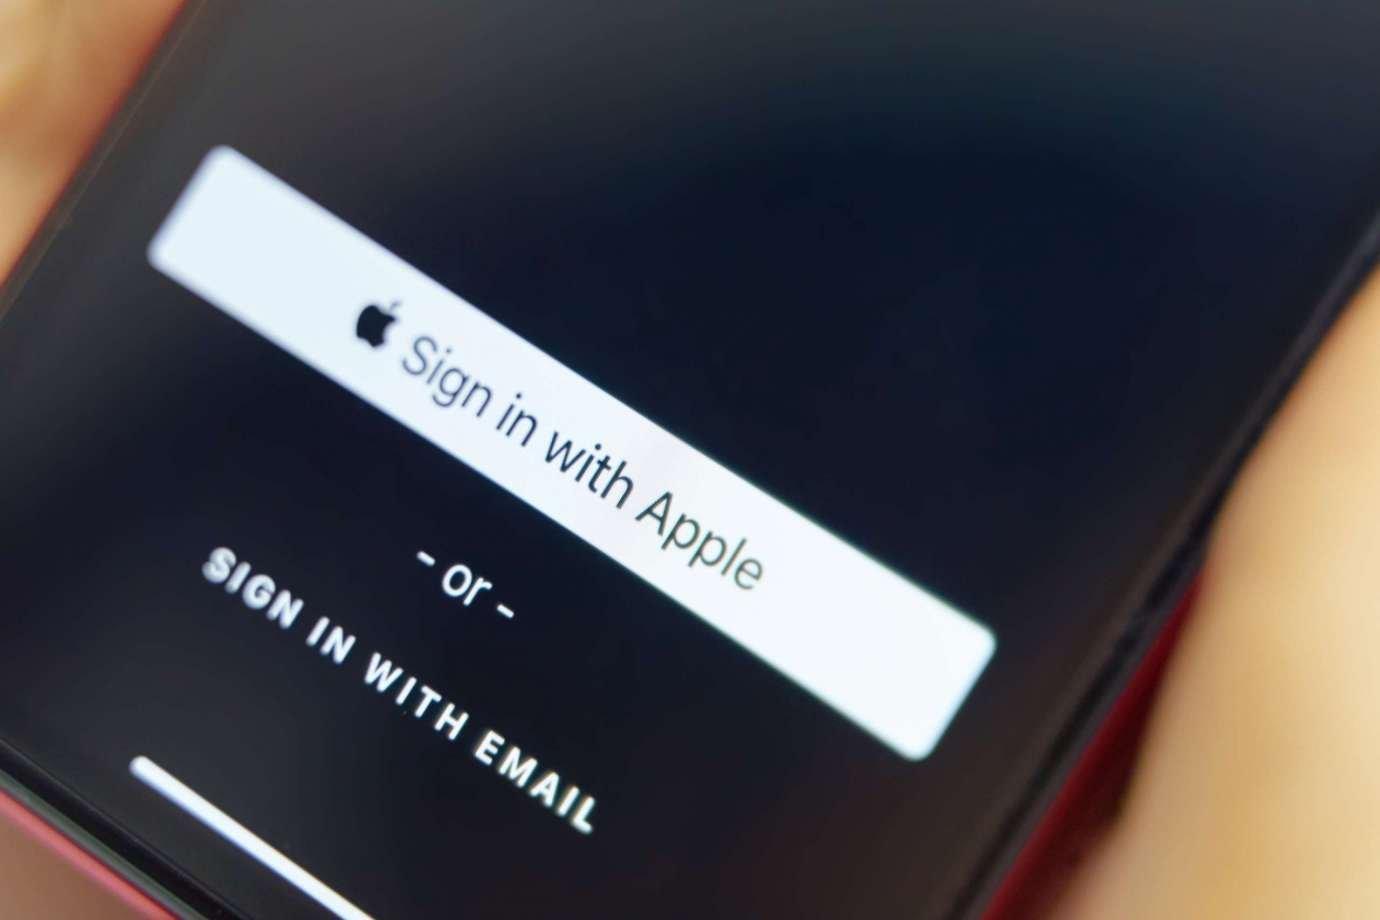 Использование опции Sign in with Apple в системе iOS 13 для усиления безопасности и конфиденциальности